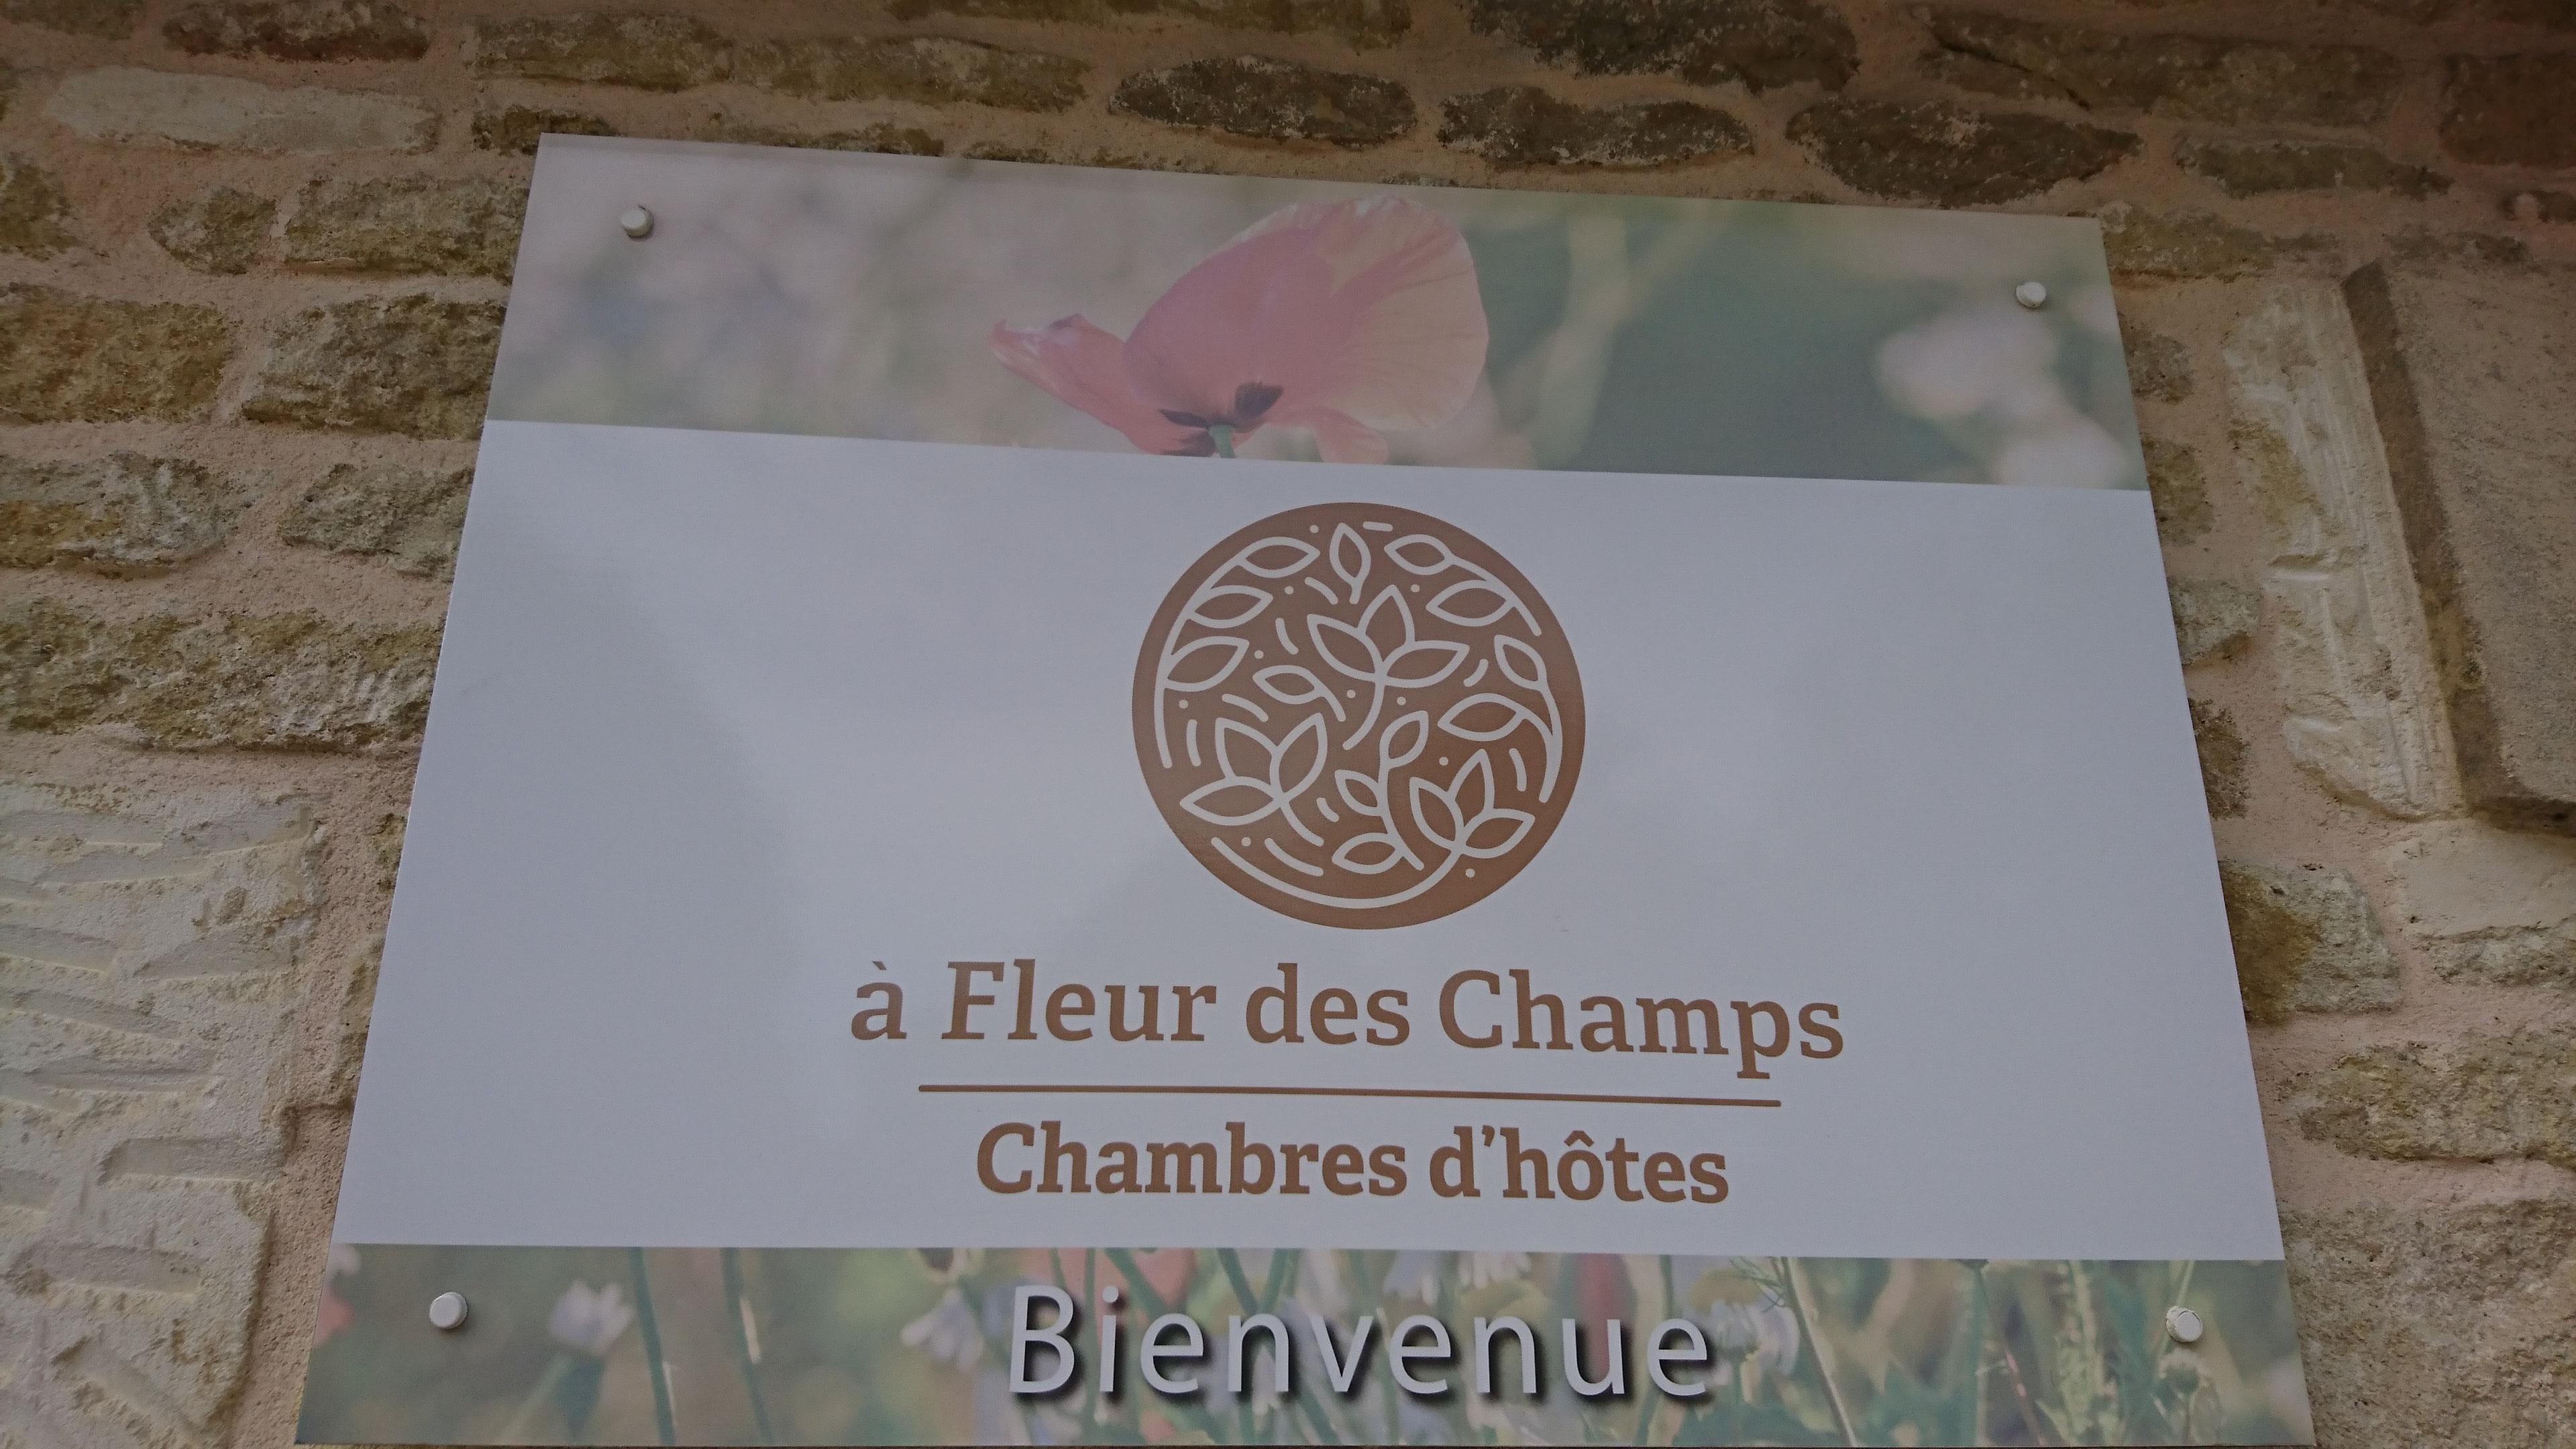 ab65af4d8b9 Chambres et table d hôtes en Charente Maritime - A FLEUR DES CHAMPS CHAMBRES  D HOTES